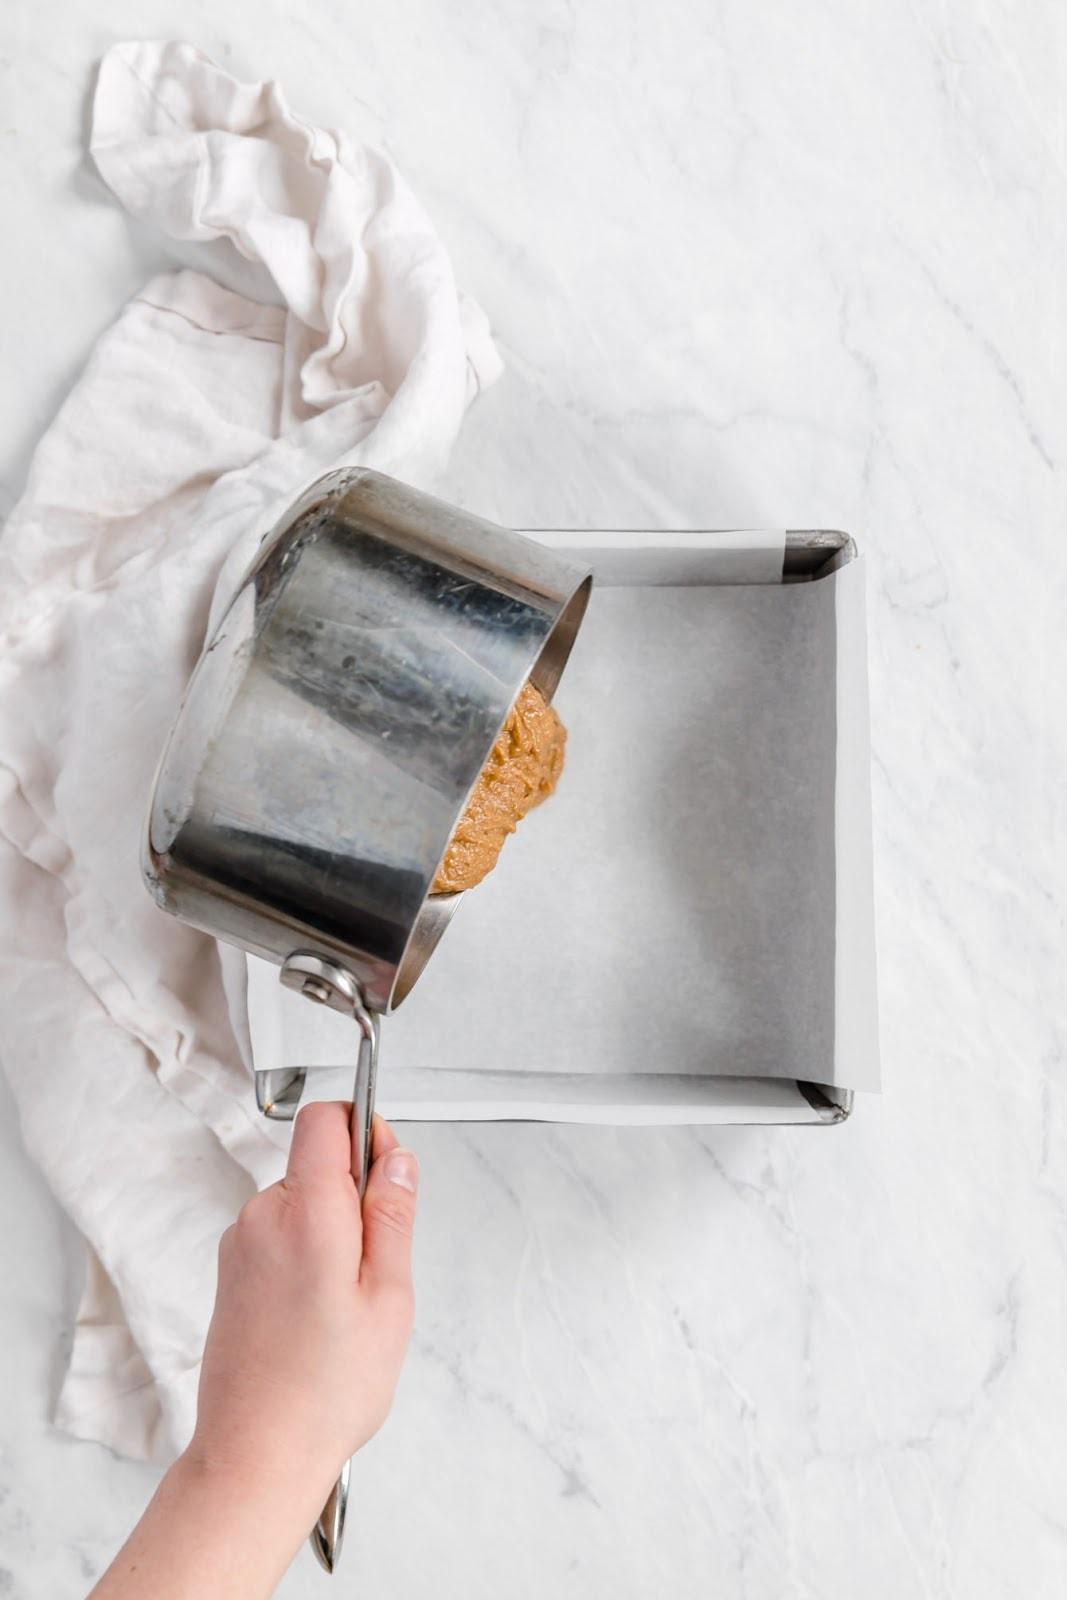 pour peanut butter mixture into pans